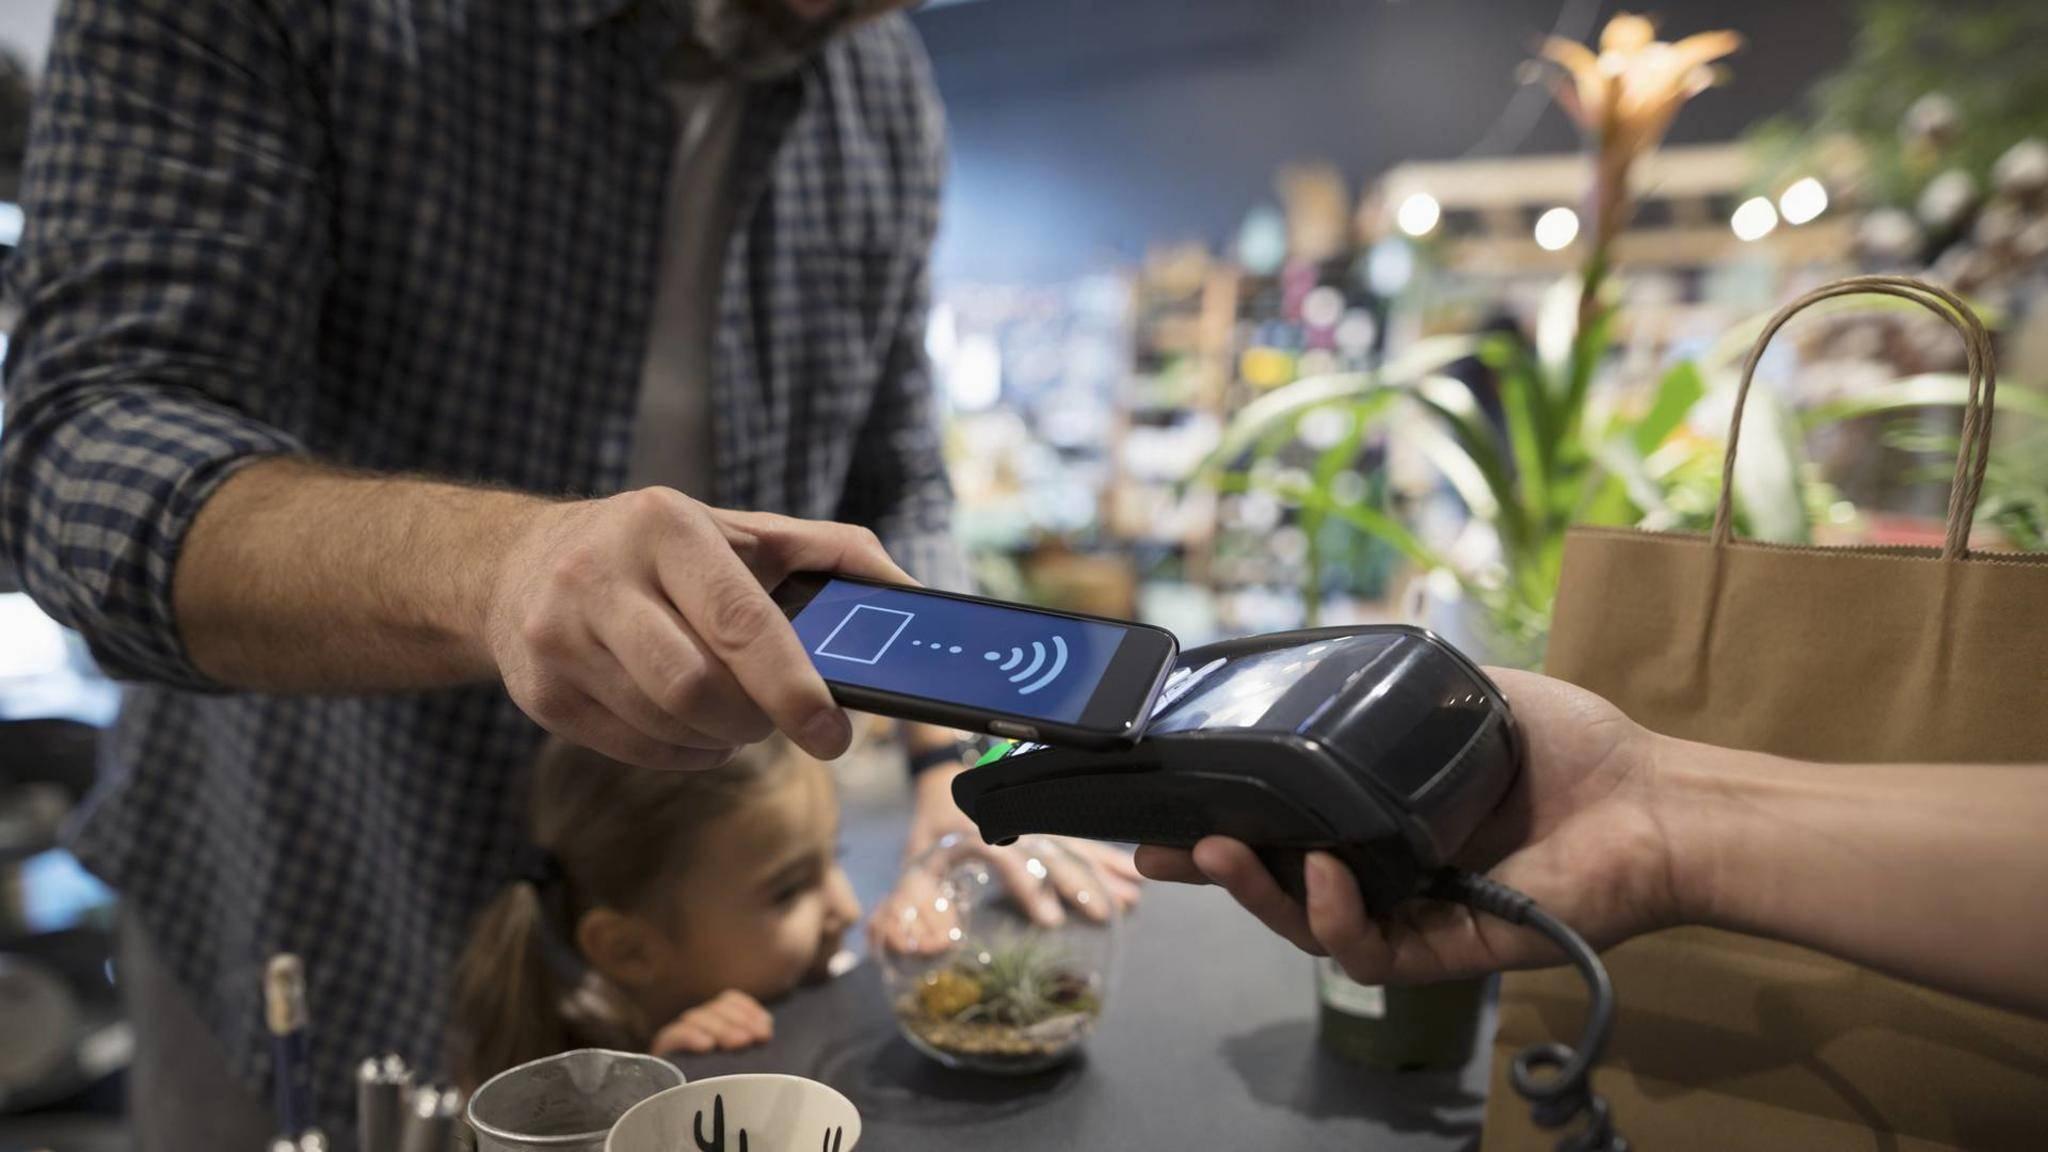 Auch Sparkassen-Kunden können ab sofort mit dem Smartphone bezahlen.